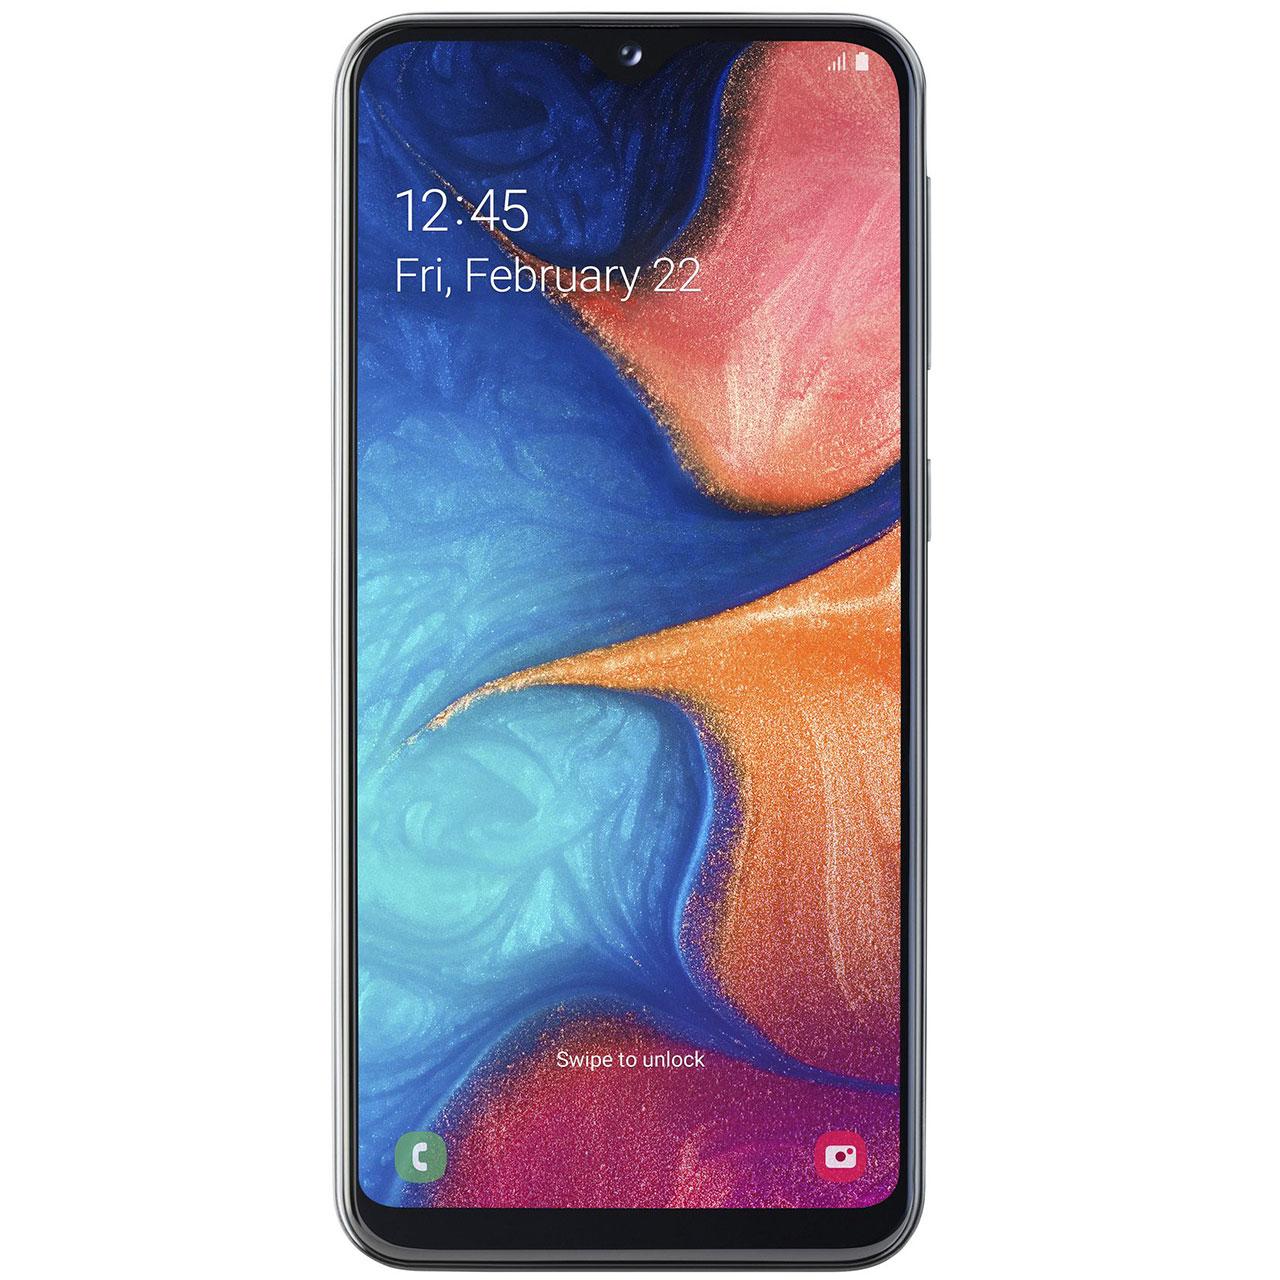 گوشی موبایل سامسونگ مدل Galaxy A20 SM-A205F/DS دو سیم کارت ظرفیت 32گیگابایت